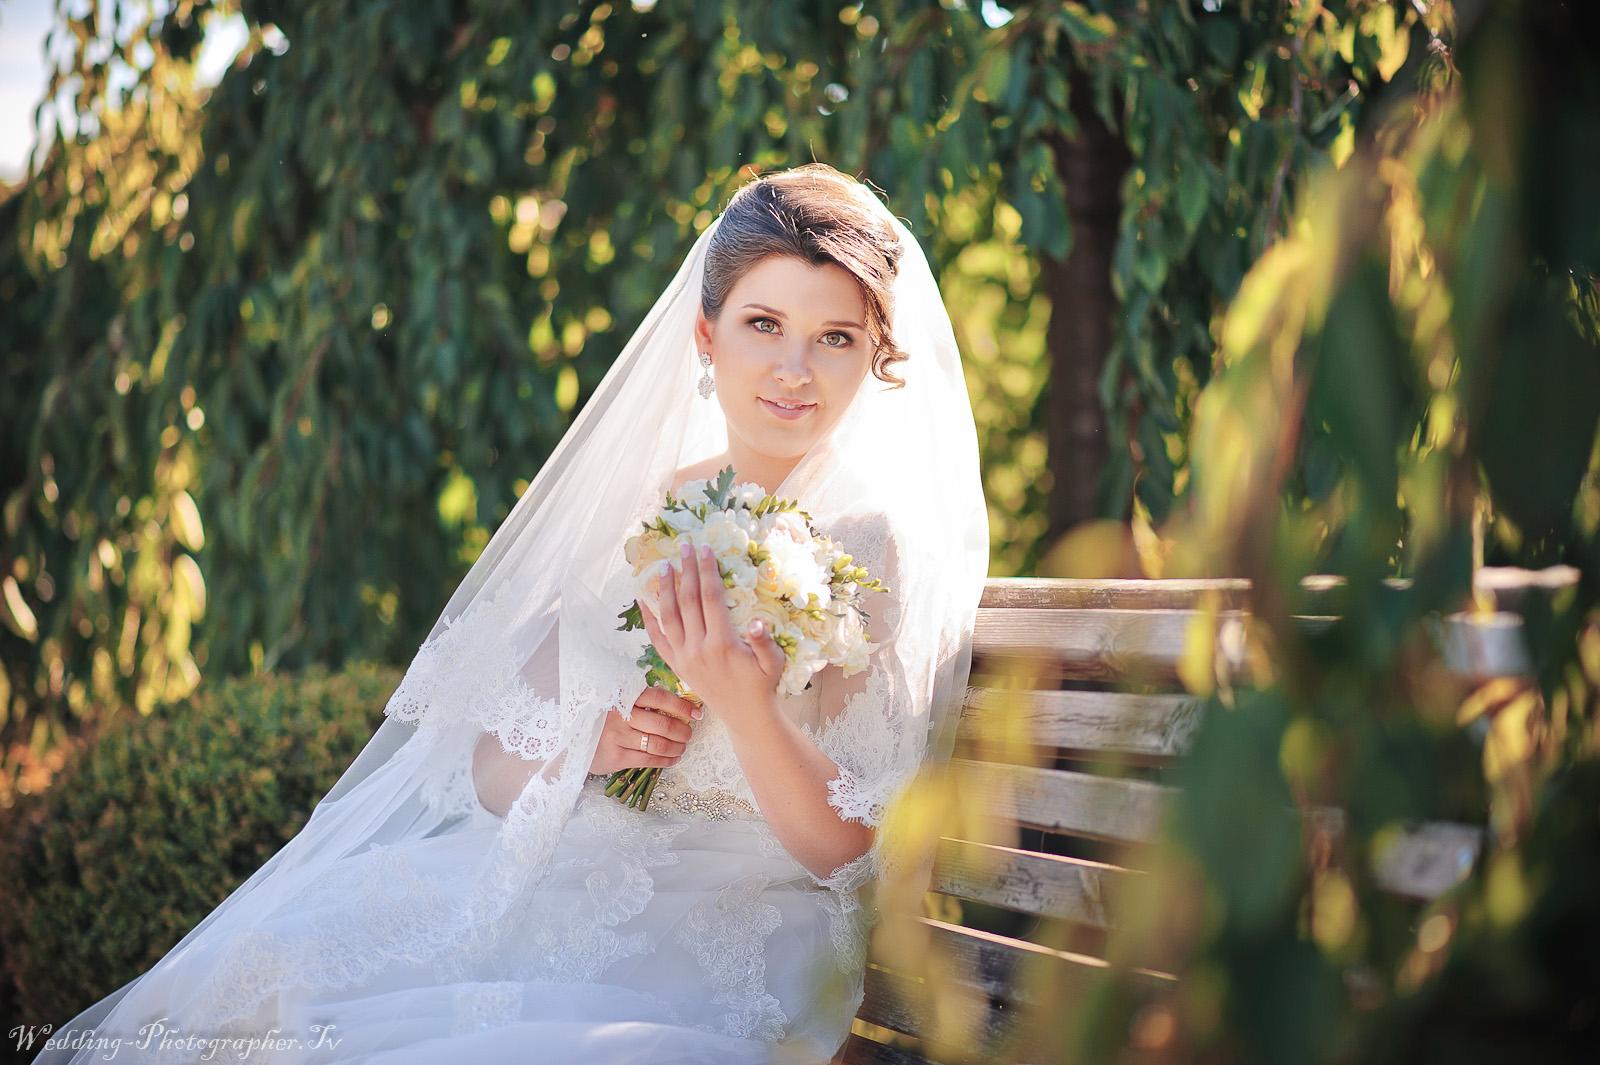 какими объективами пользуются свадебные фотографы условие, чтобы длина